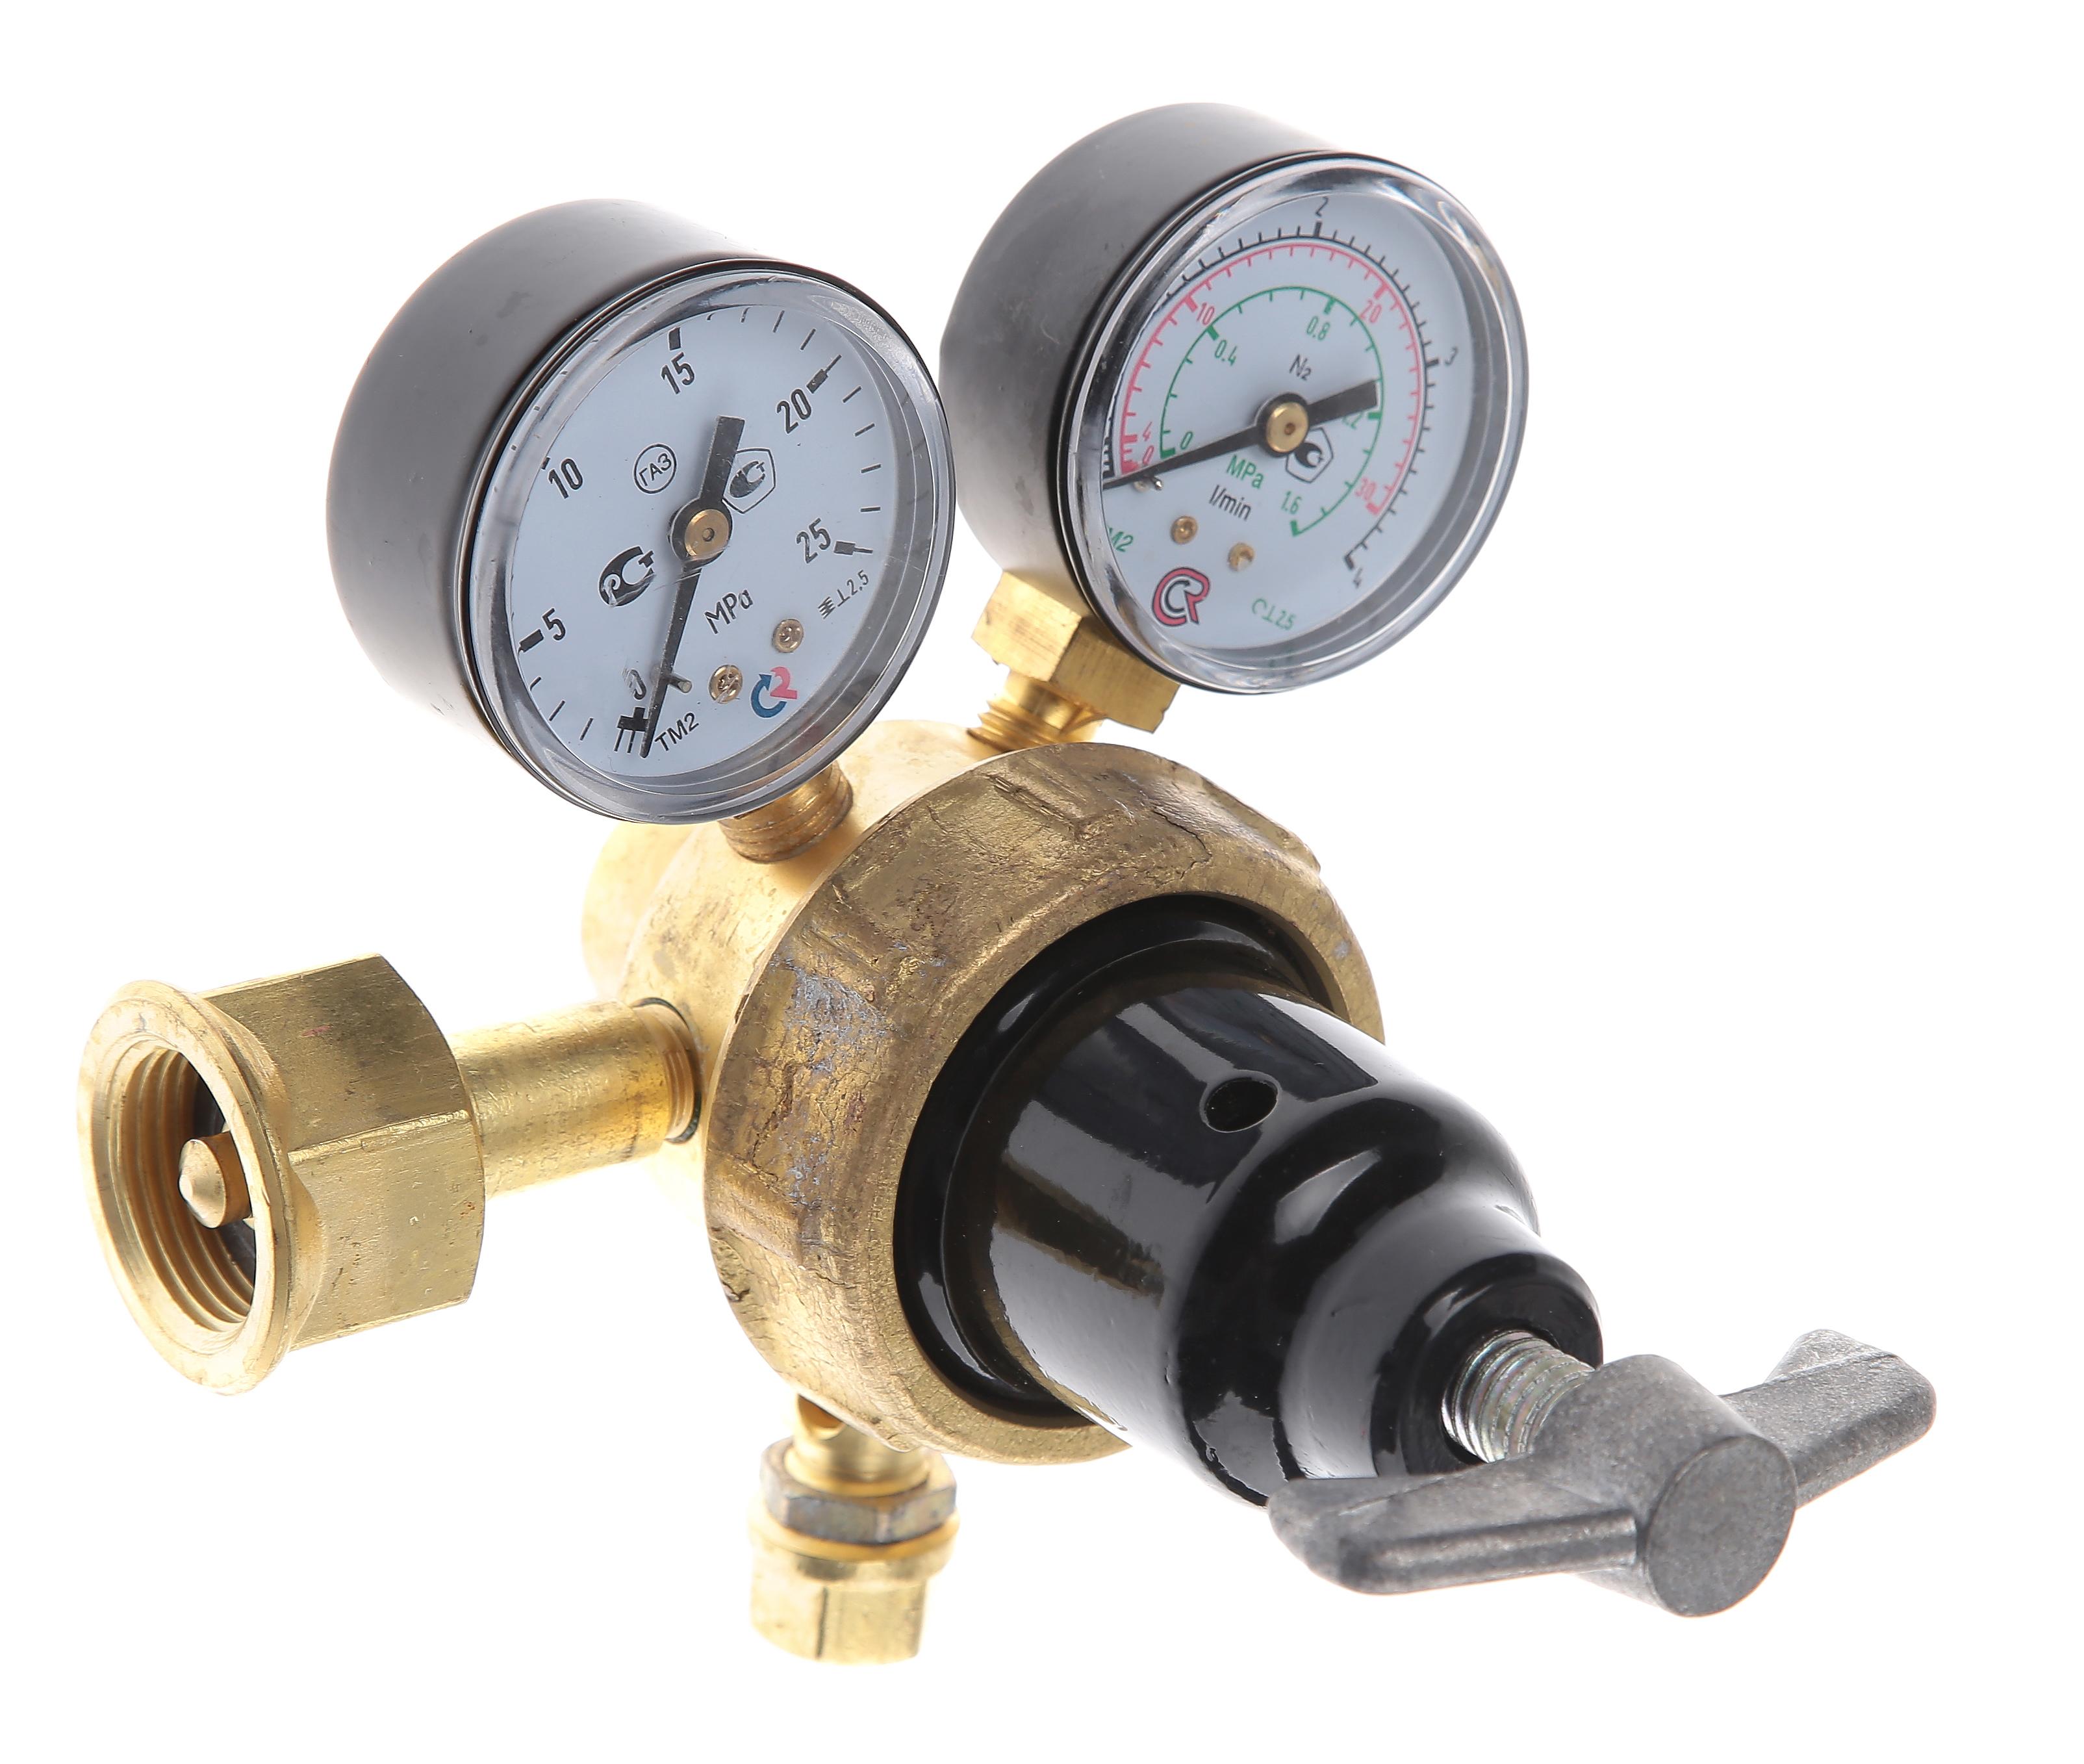 Регулятор БАМЗ А-30-2 регулятор давления топлива спорт ауди 100 2 3 е